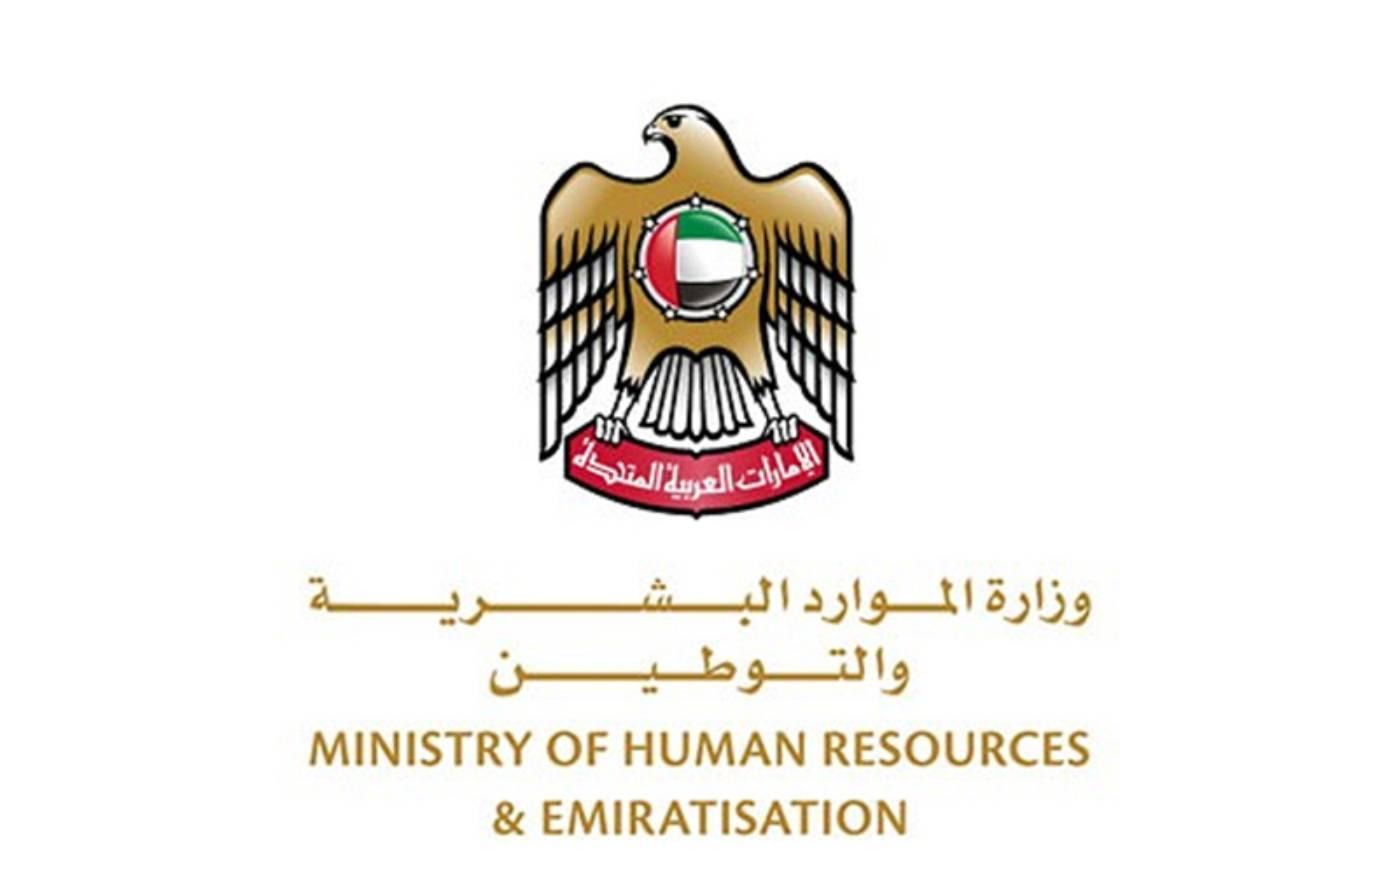 الإمارات ..  تقليل ساعات العمل في القطاع الخاص خلال شهر رمضان